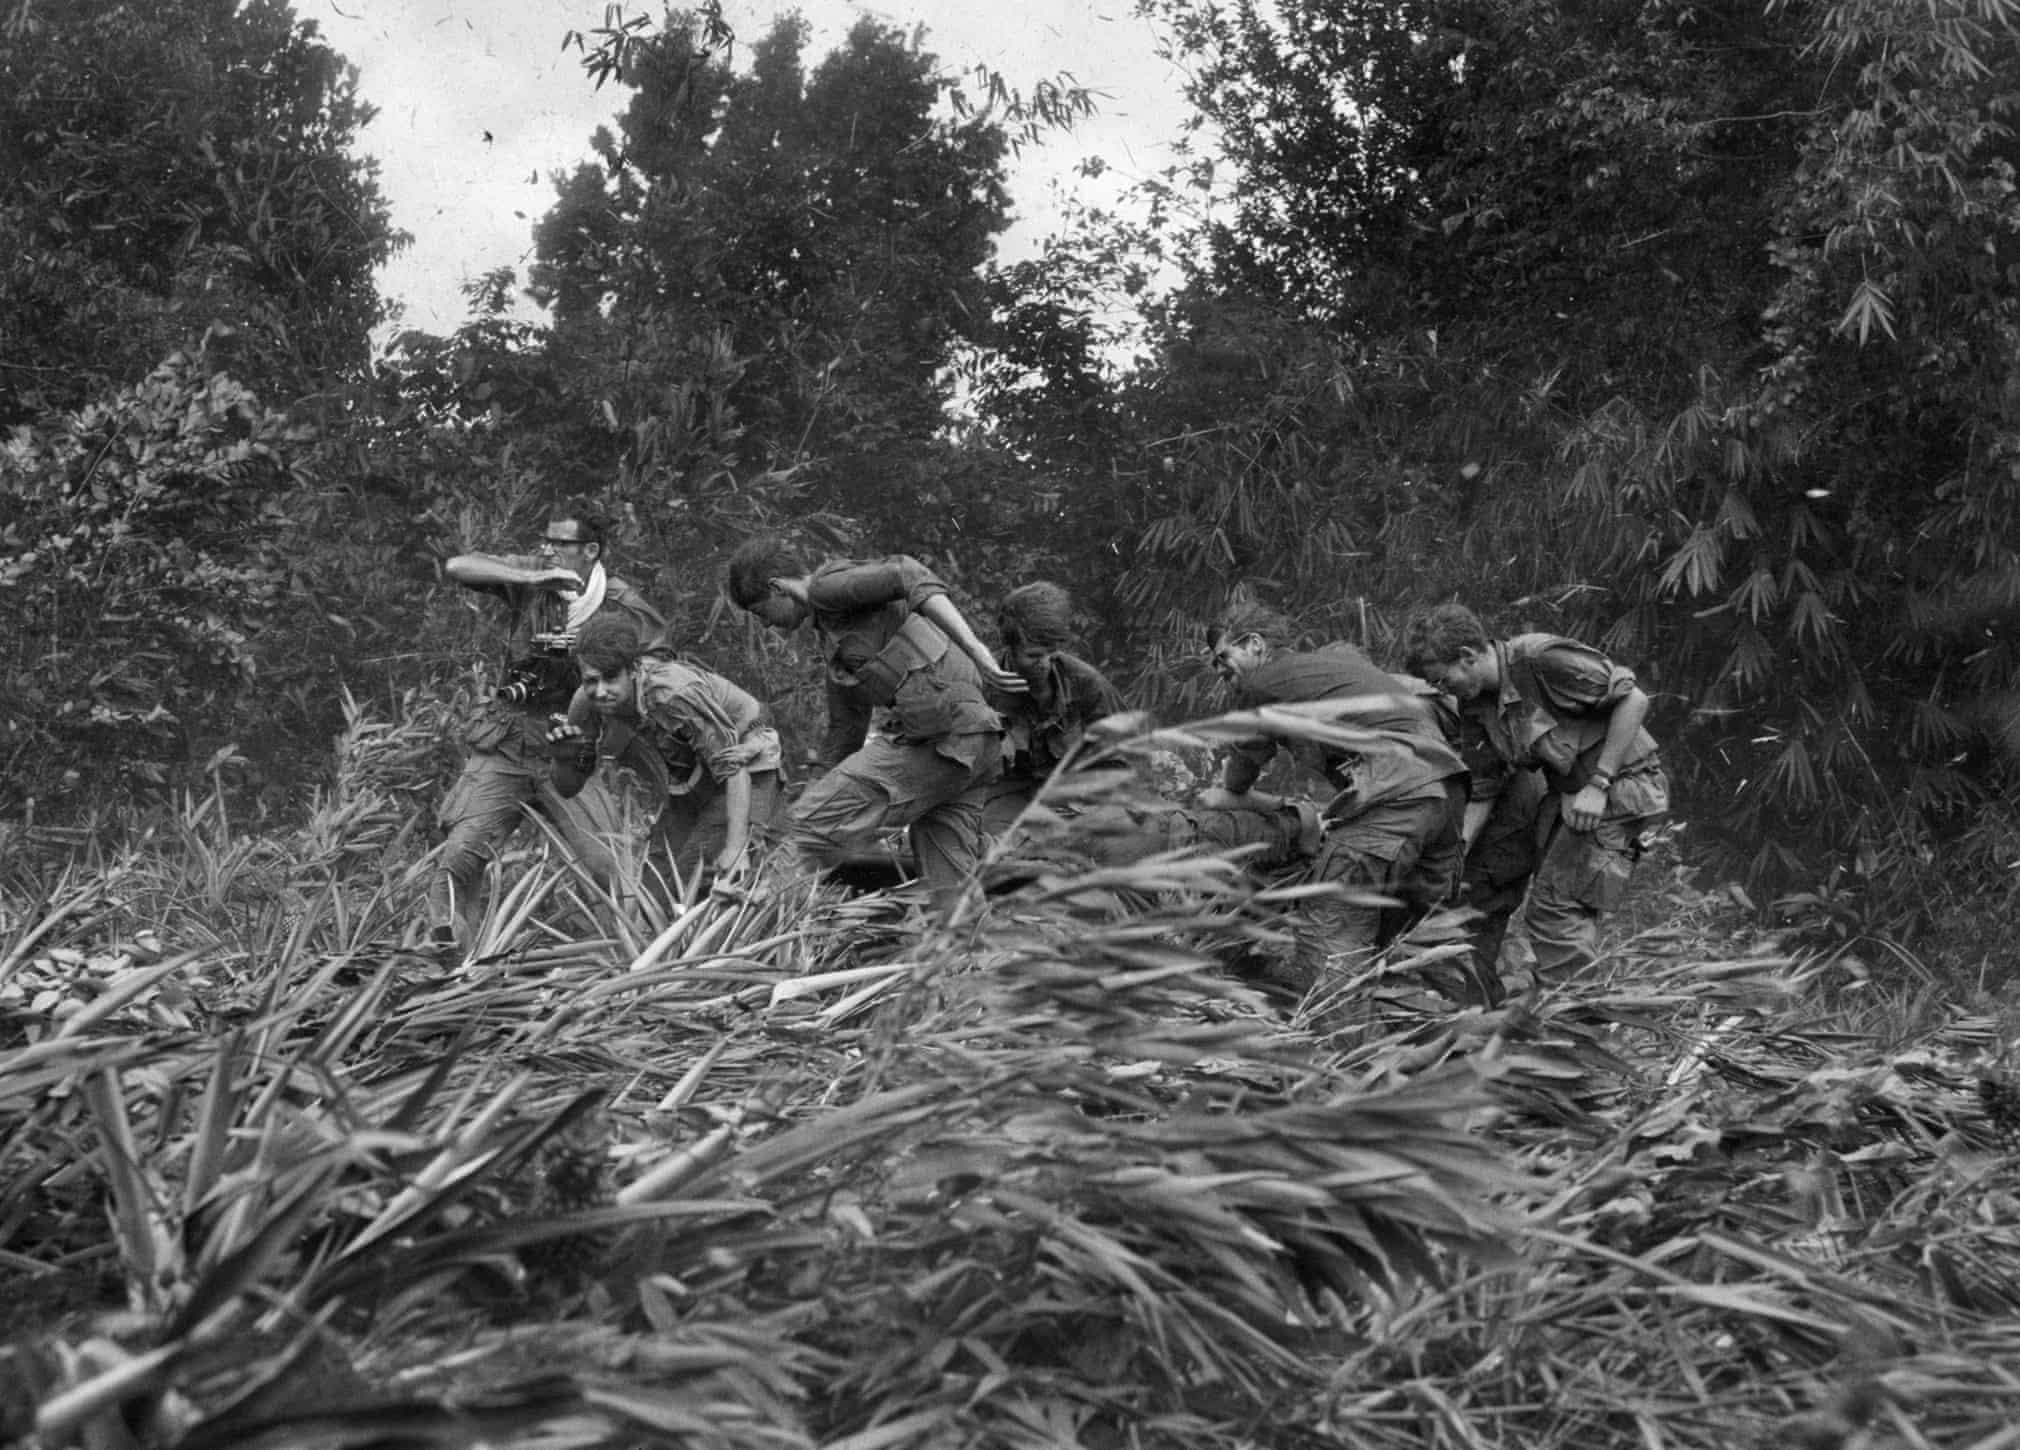 Burrows (a bal szélen, nyakában fehér törölközővel) katonáknak segédkezik sebesült bajtársuk kiemelésénél az 1970-es kambodzsai behatolás során